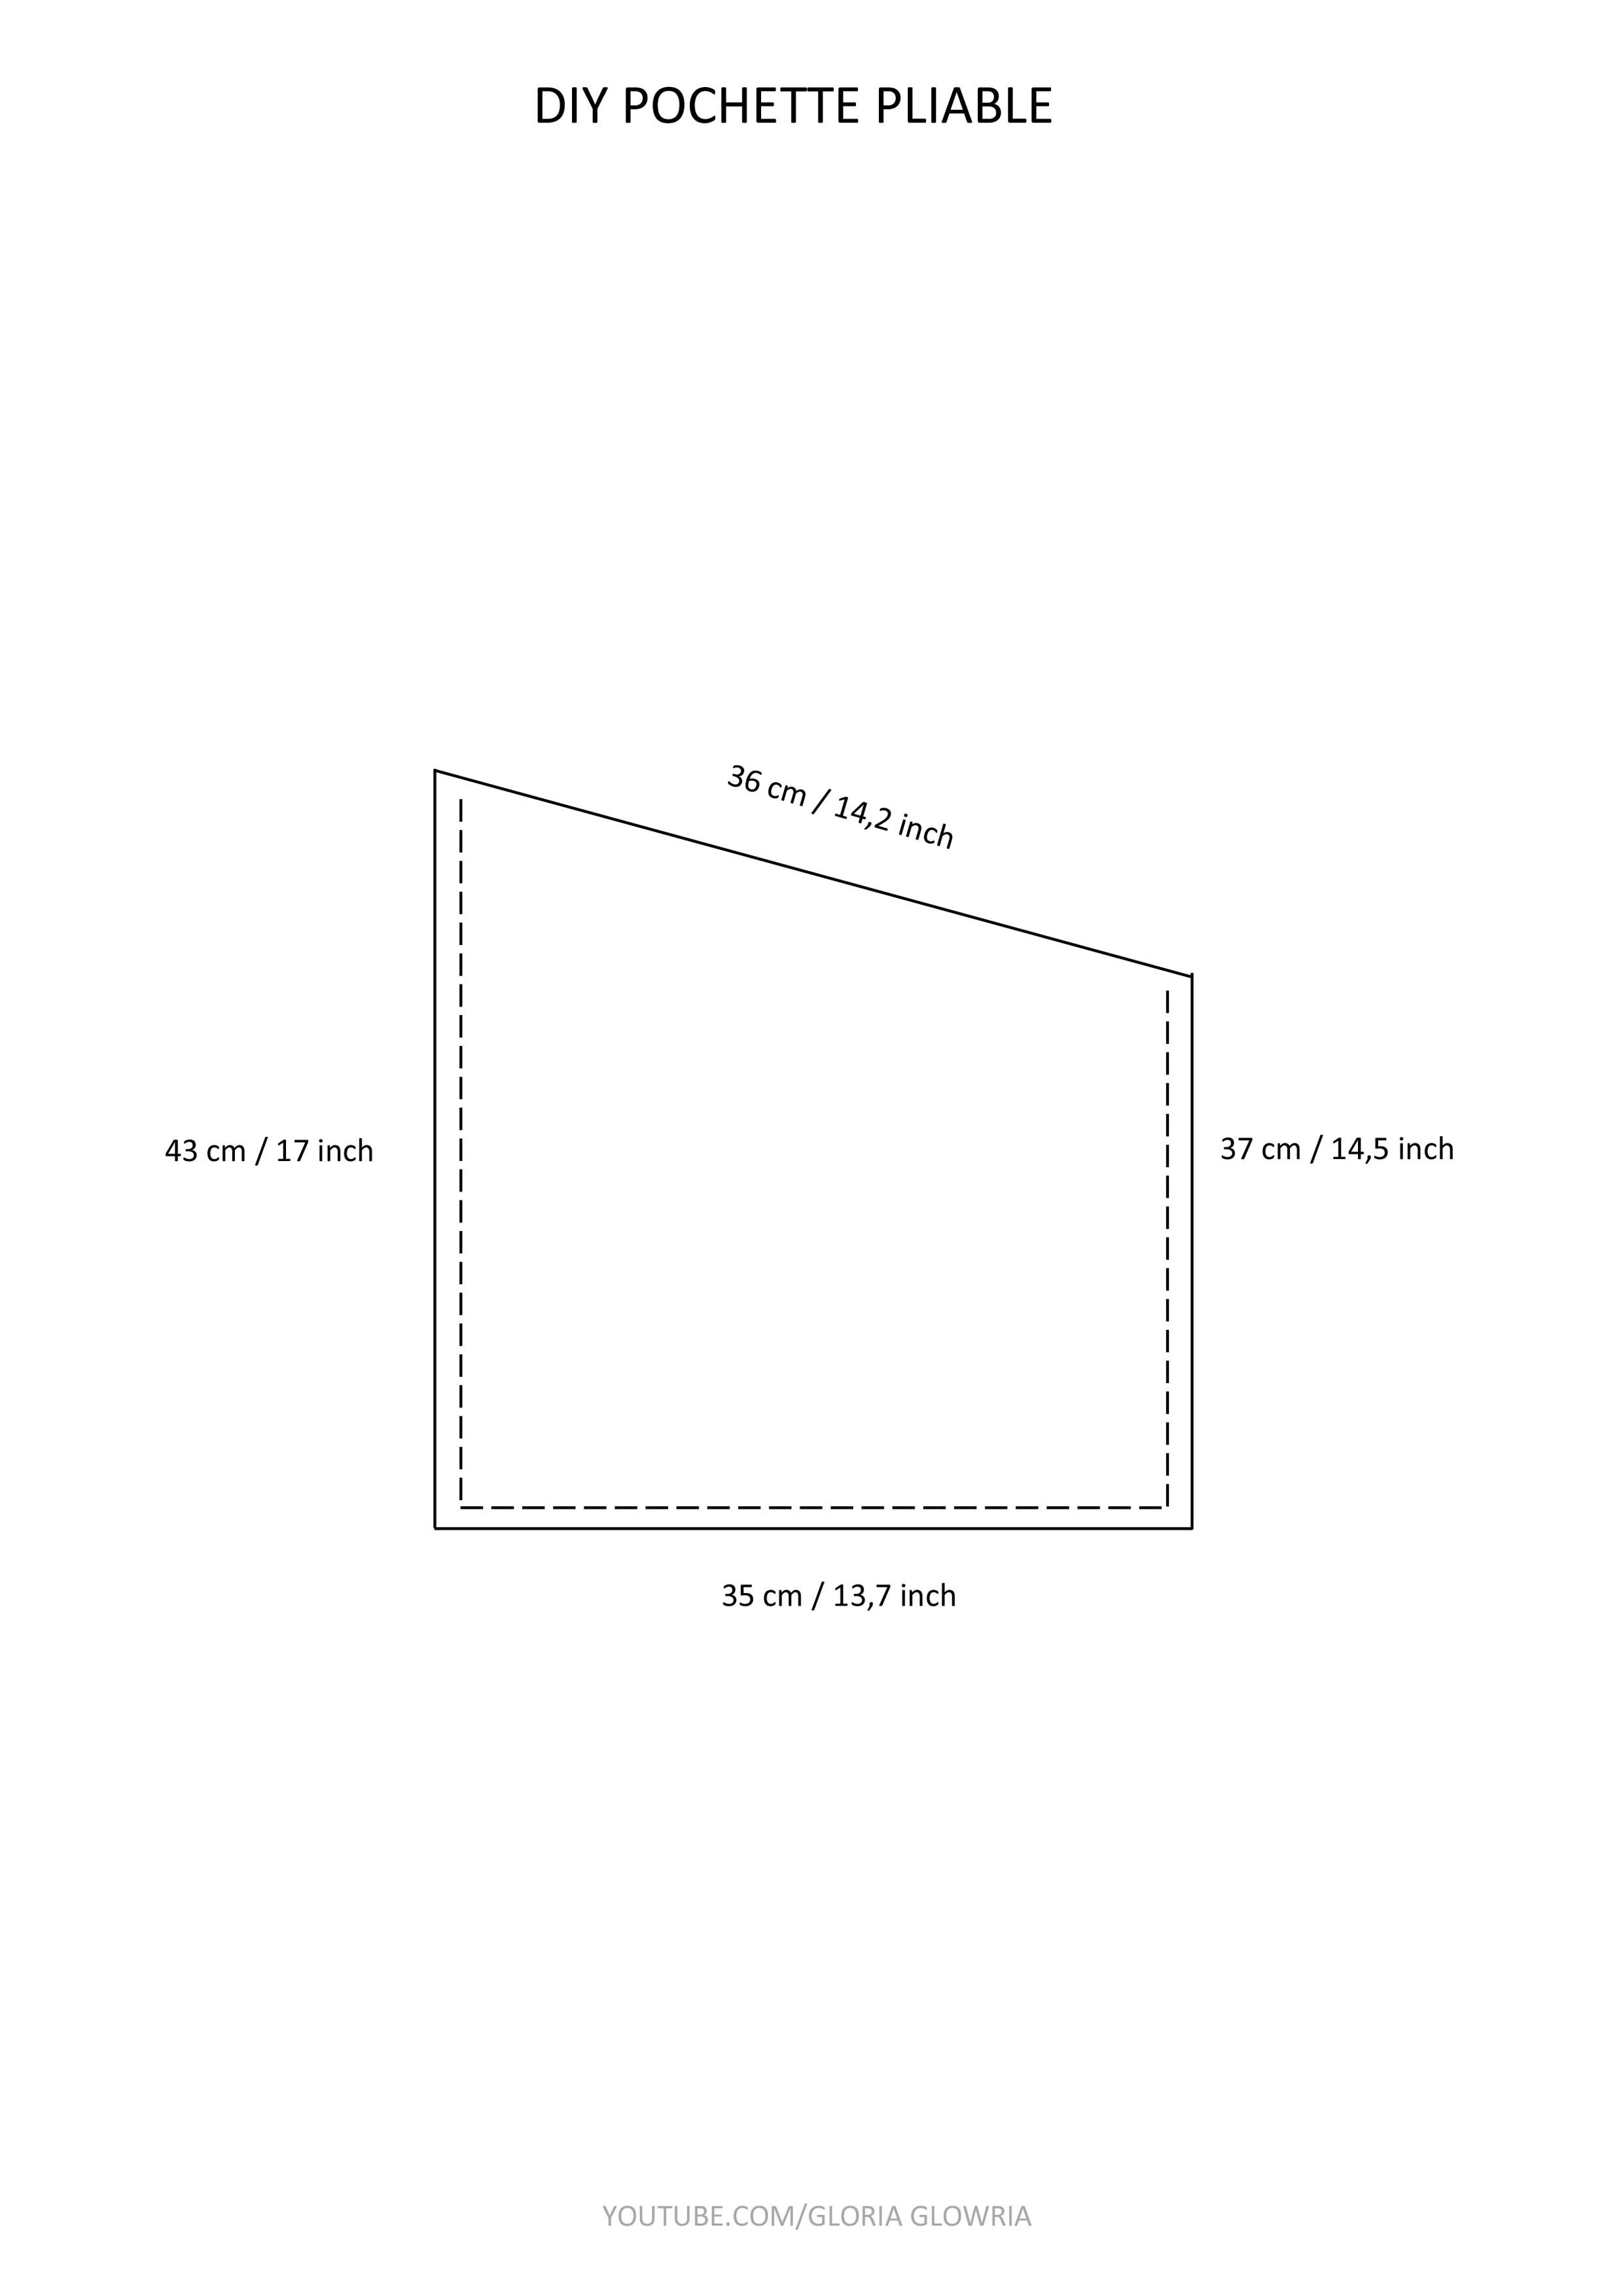 Dimensions Pochette Pliable